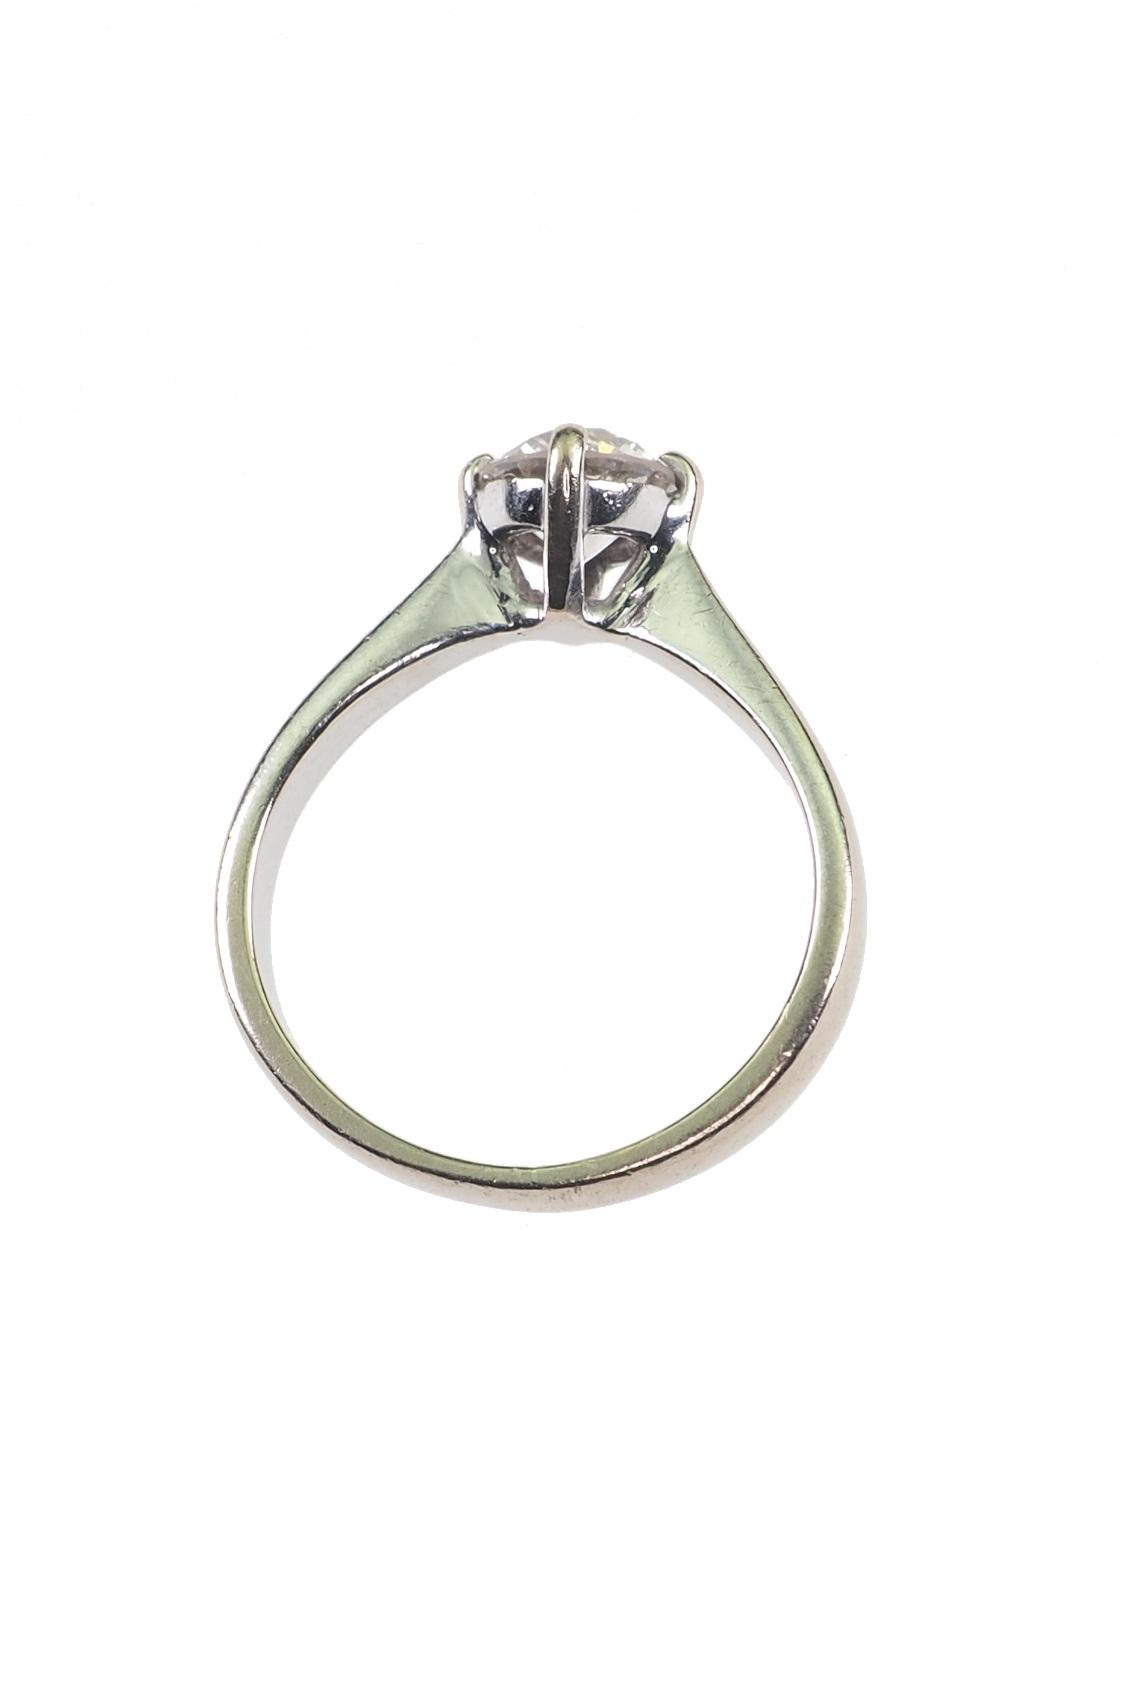 Verlobungsringe-online-kaufen-1182c